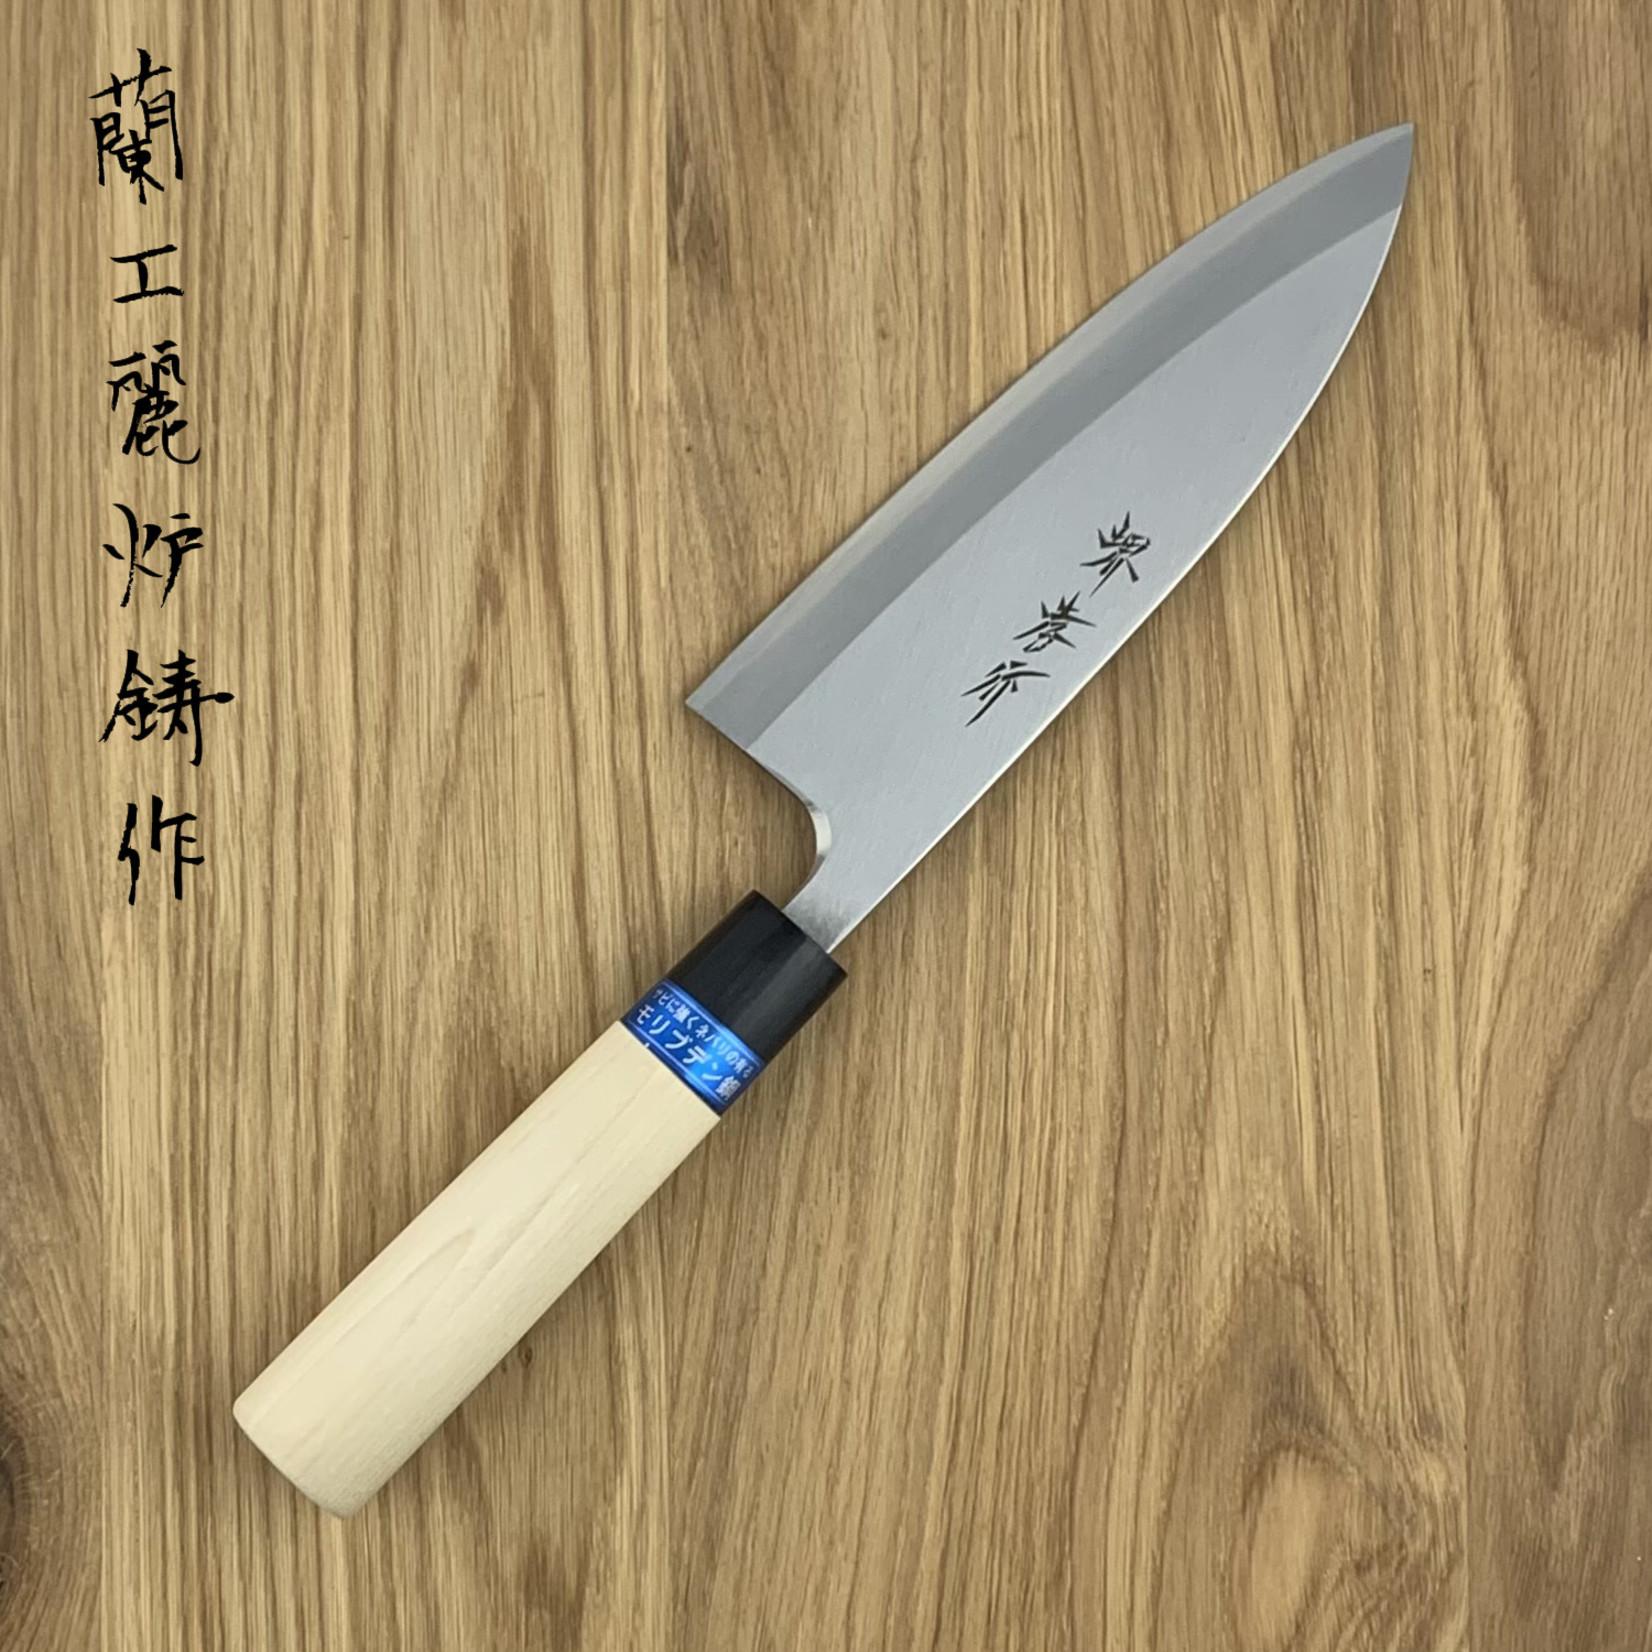 SAKAI TAKAYUKI Deba 165 mm Inox Left 04336